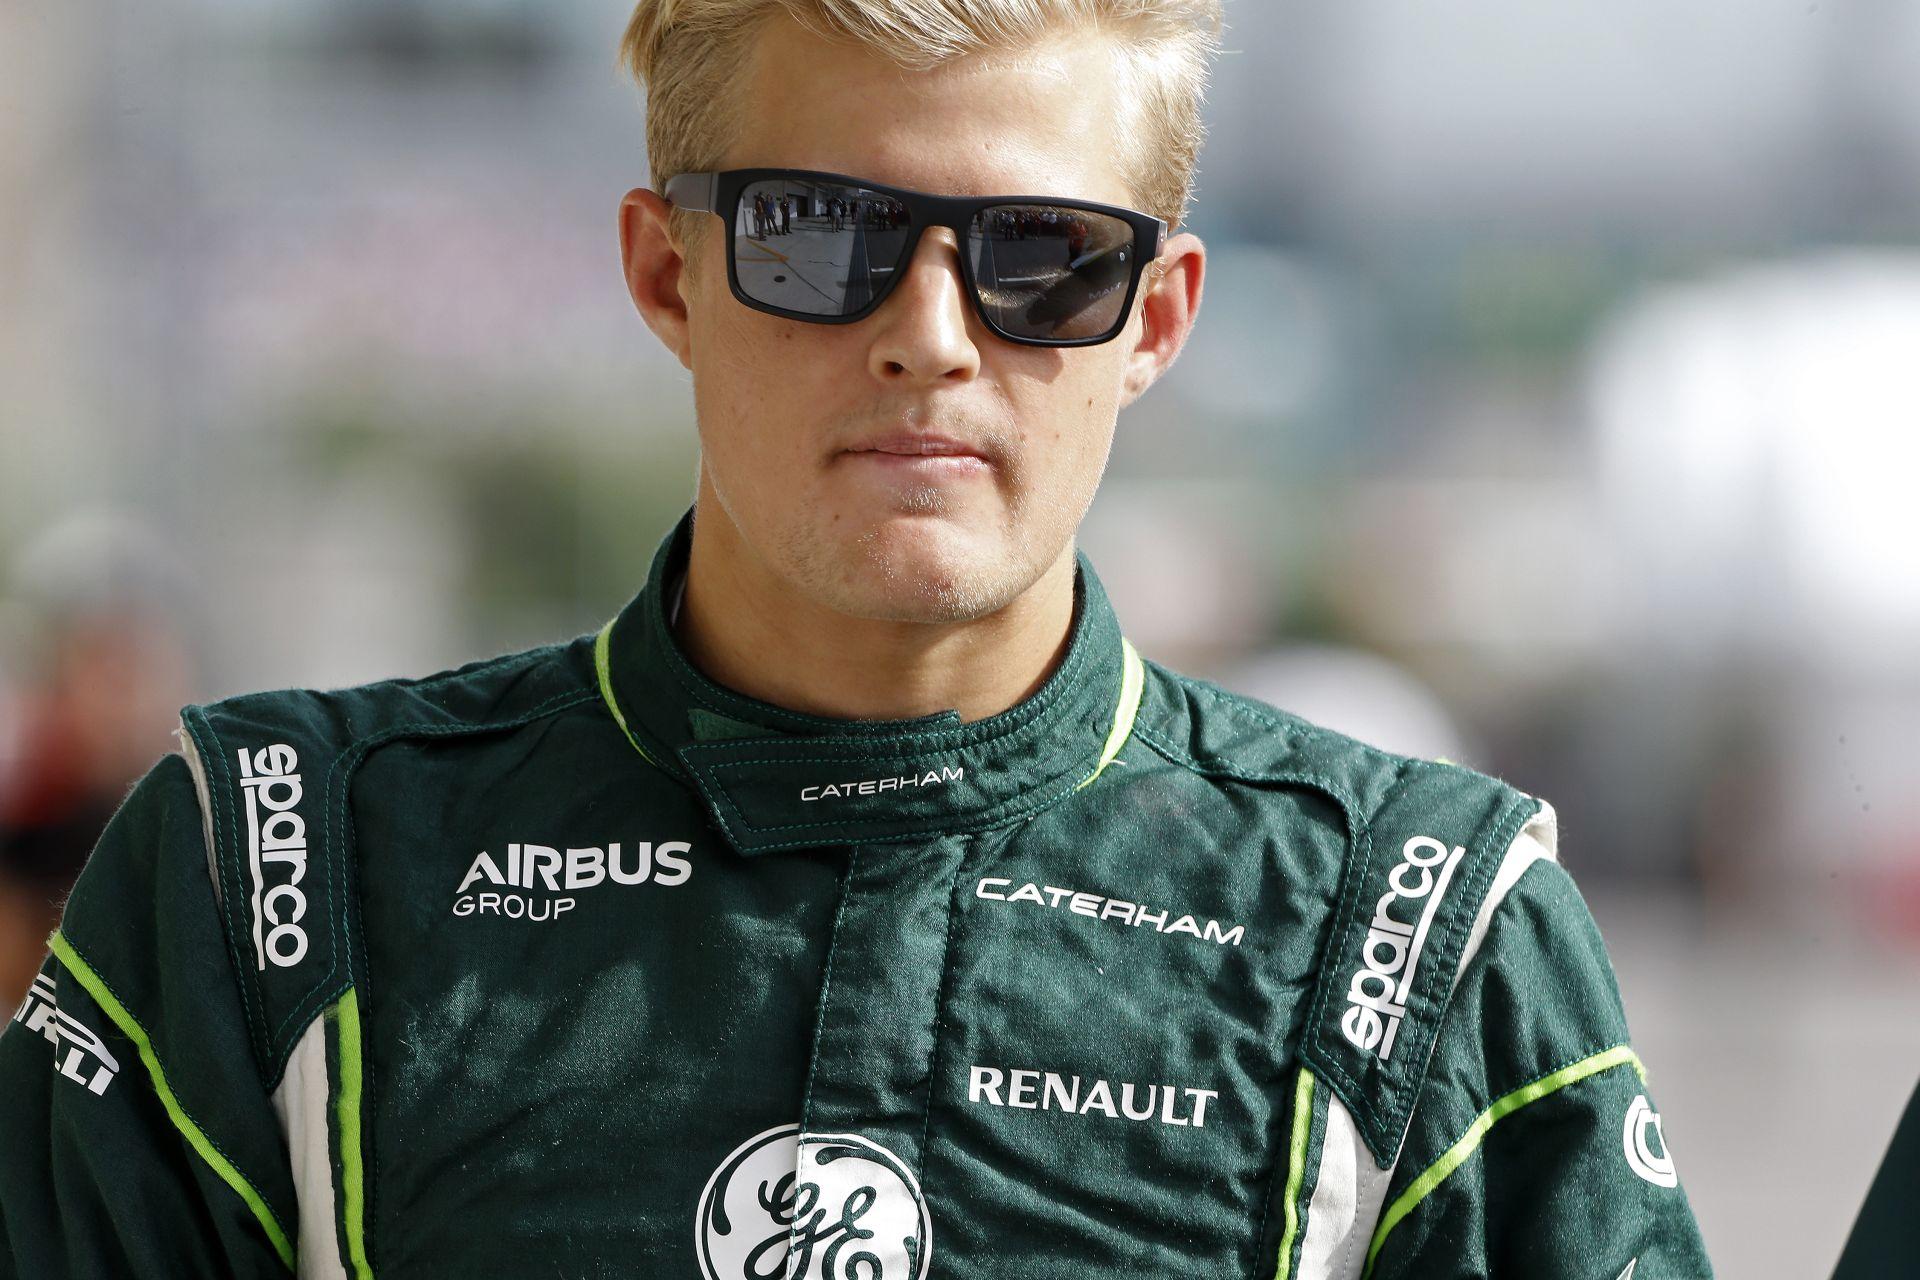 Ericsson a Saubernél folytatja tovább, és a svájci istálló nem száll ki az F1-ből